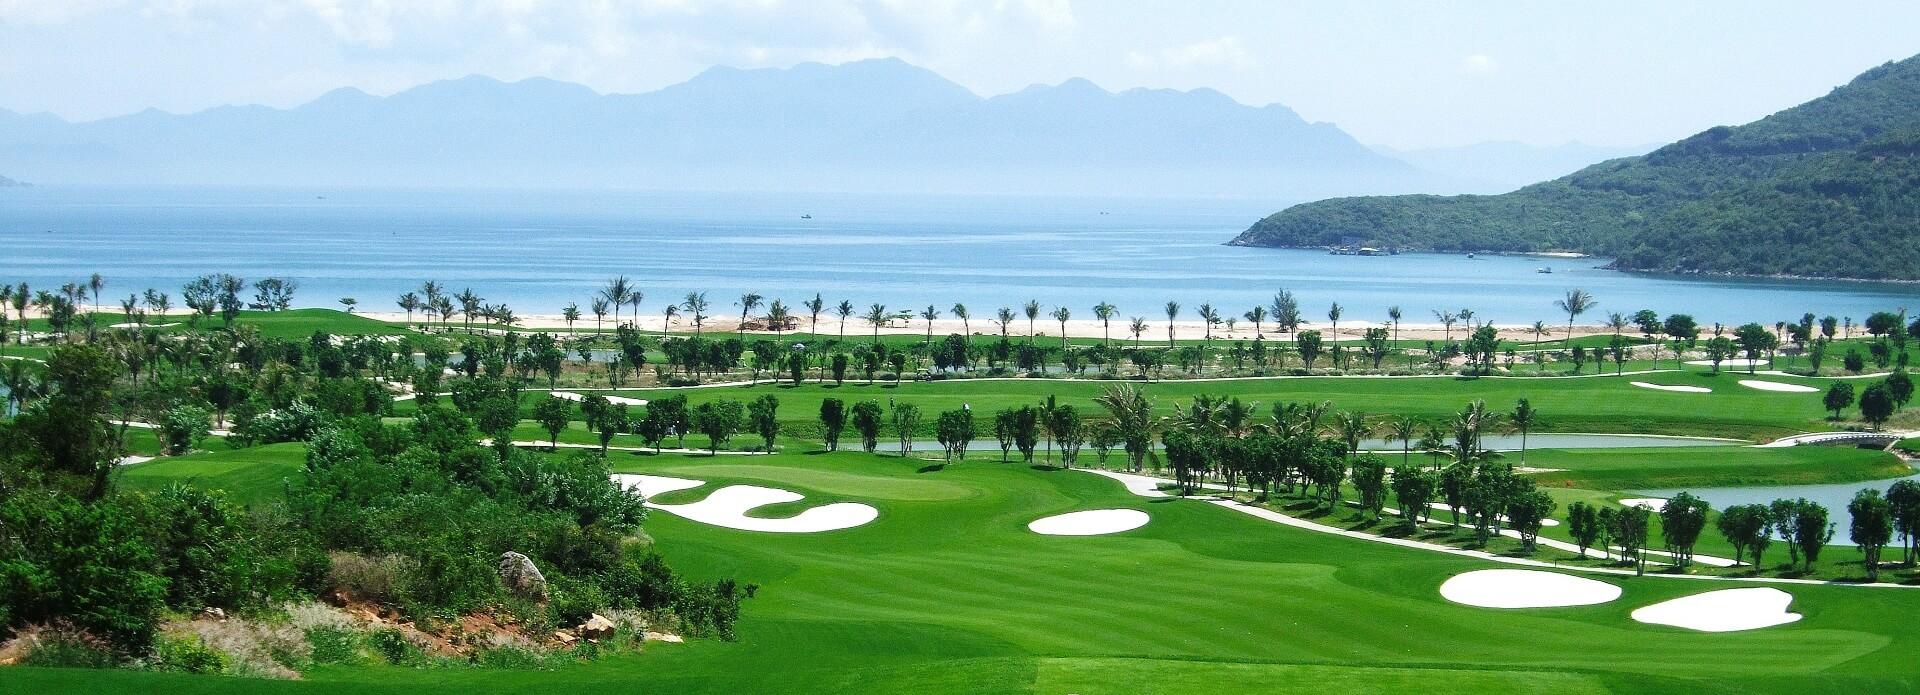 Trạm XLNT sân golf Vũ Yên - Hải Phòng